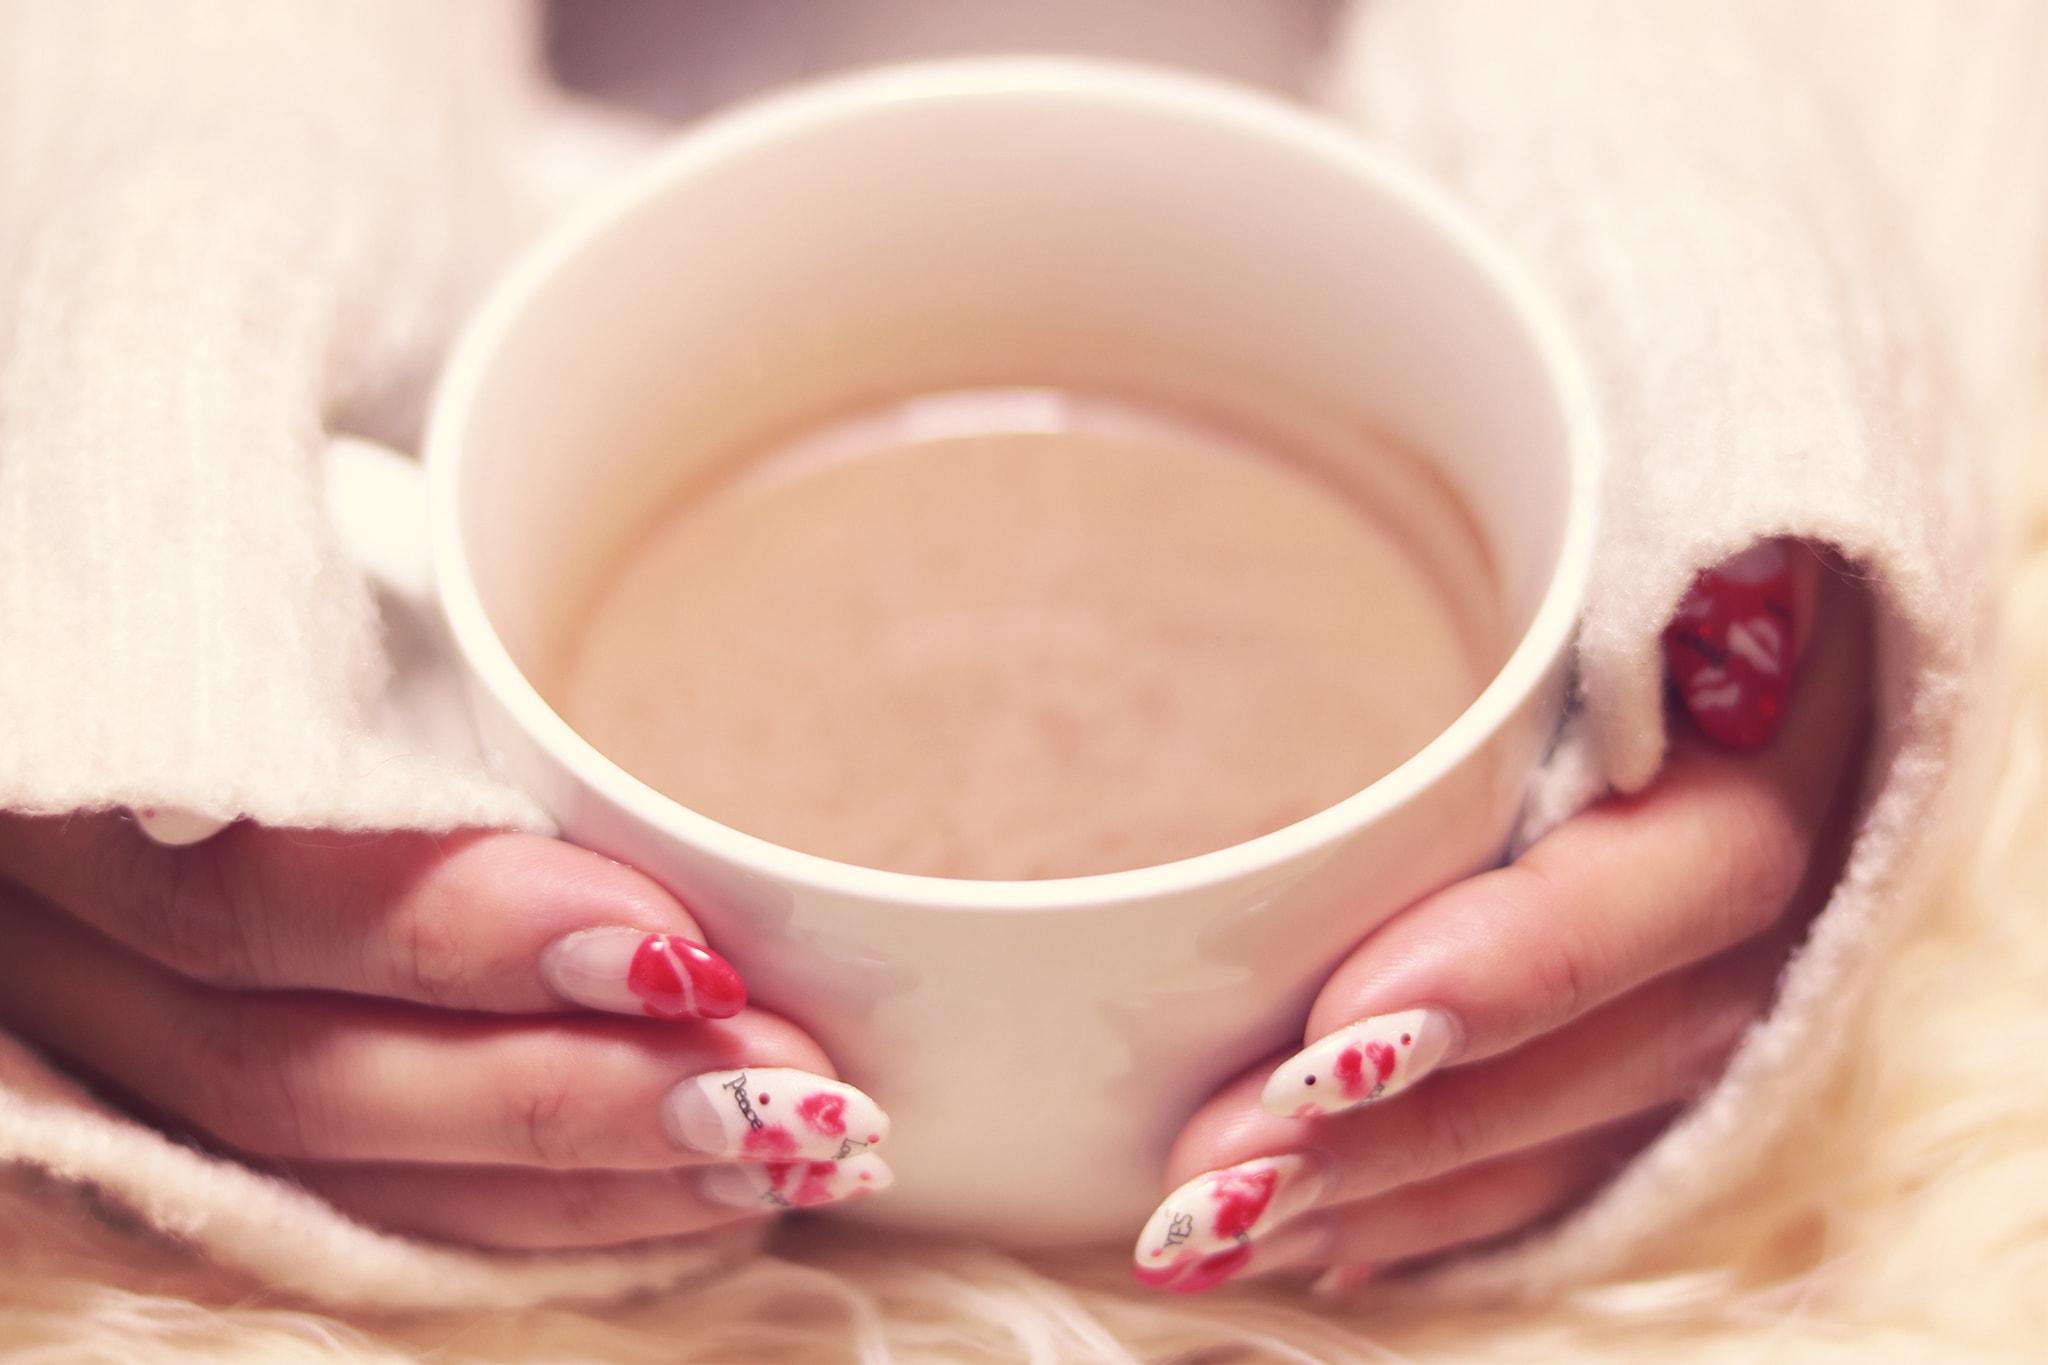 マグカップを両手で抱えている女性の画像